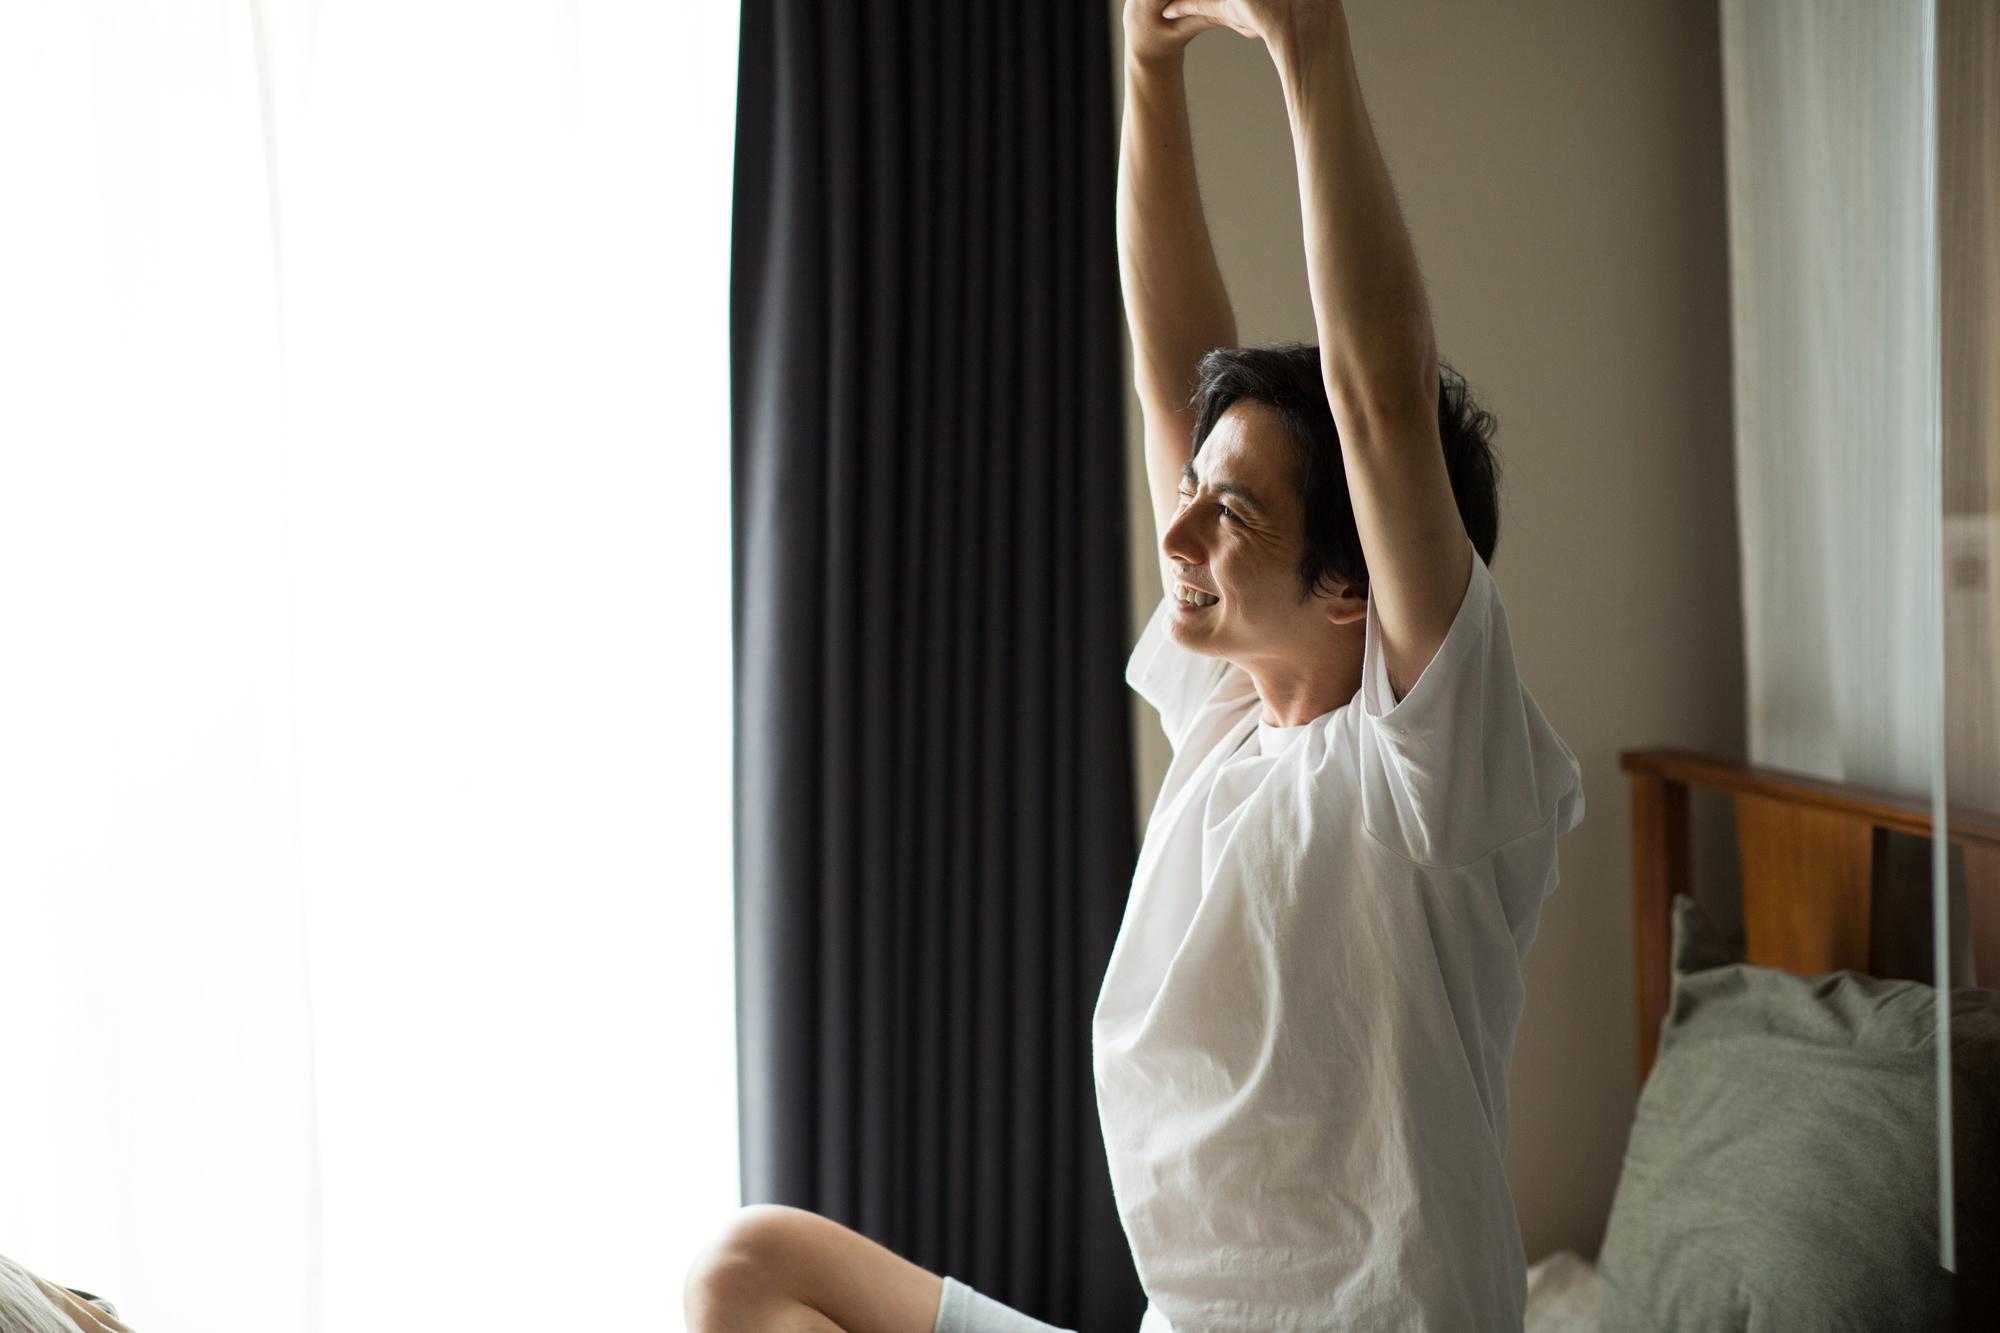 超簡単!朝の寝起きに頭と体をシャキッとさせる1分間のストレッチ